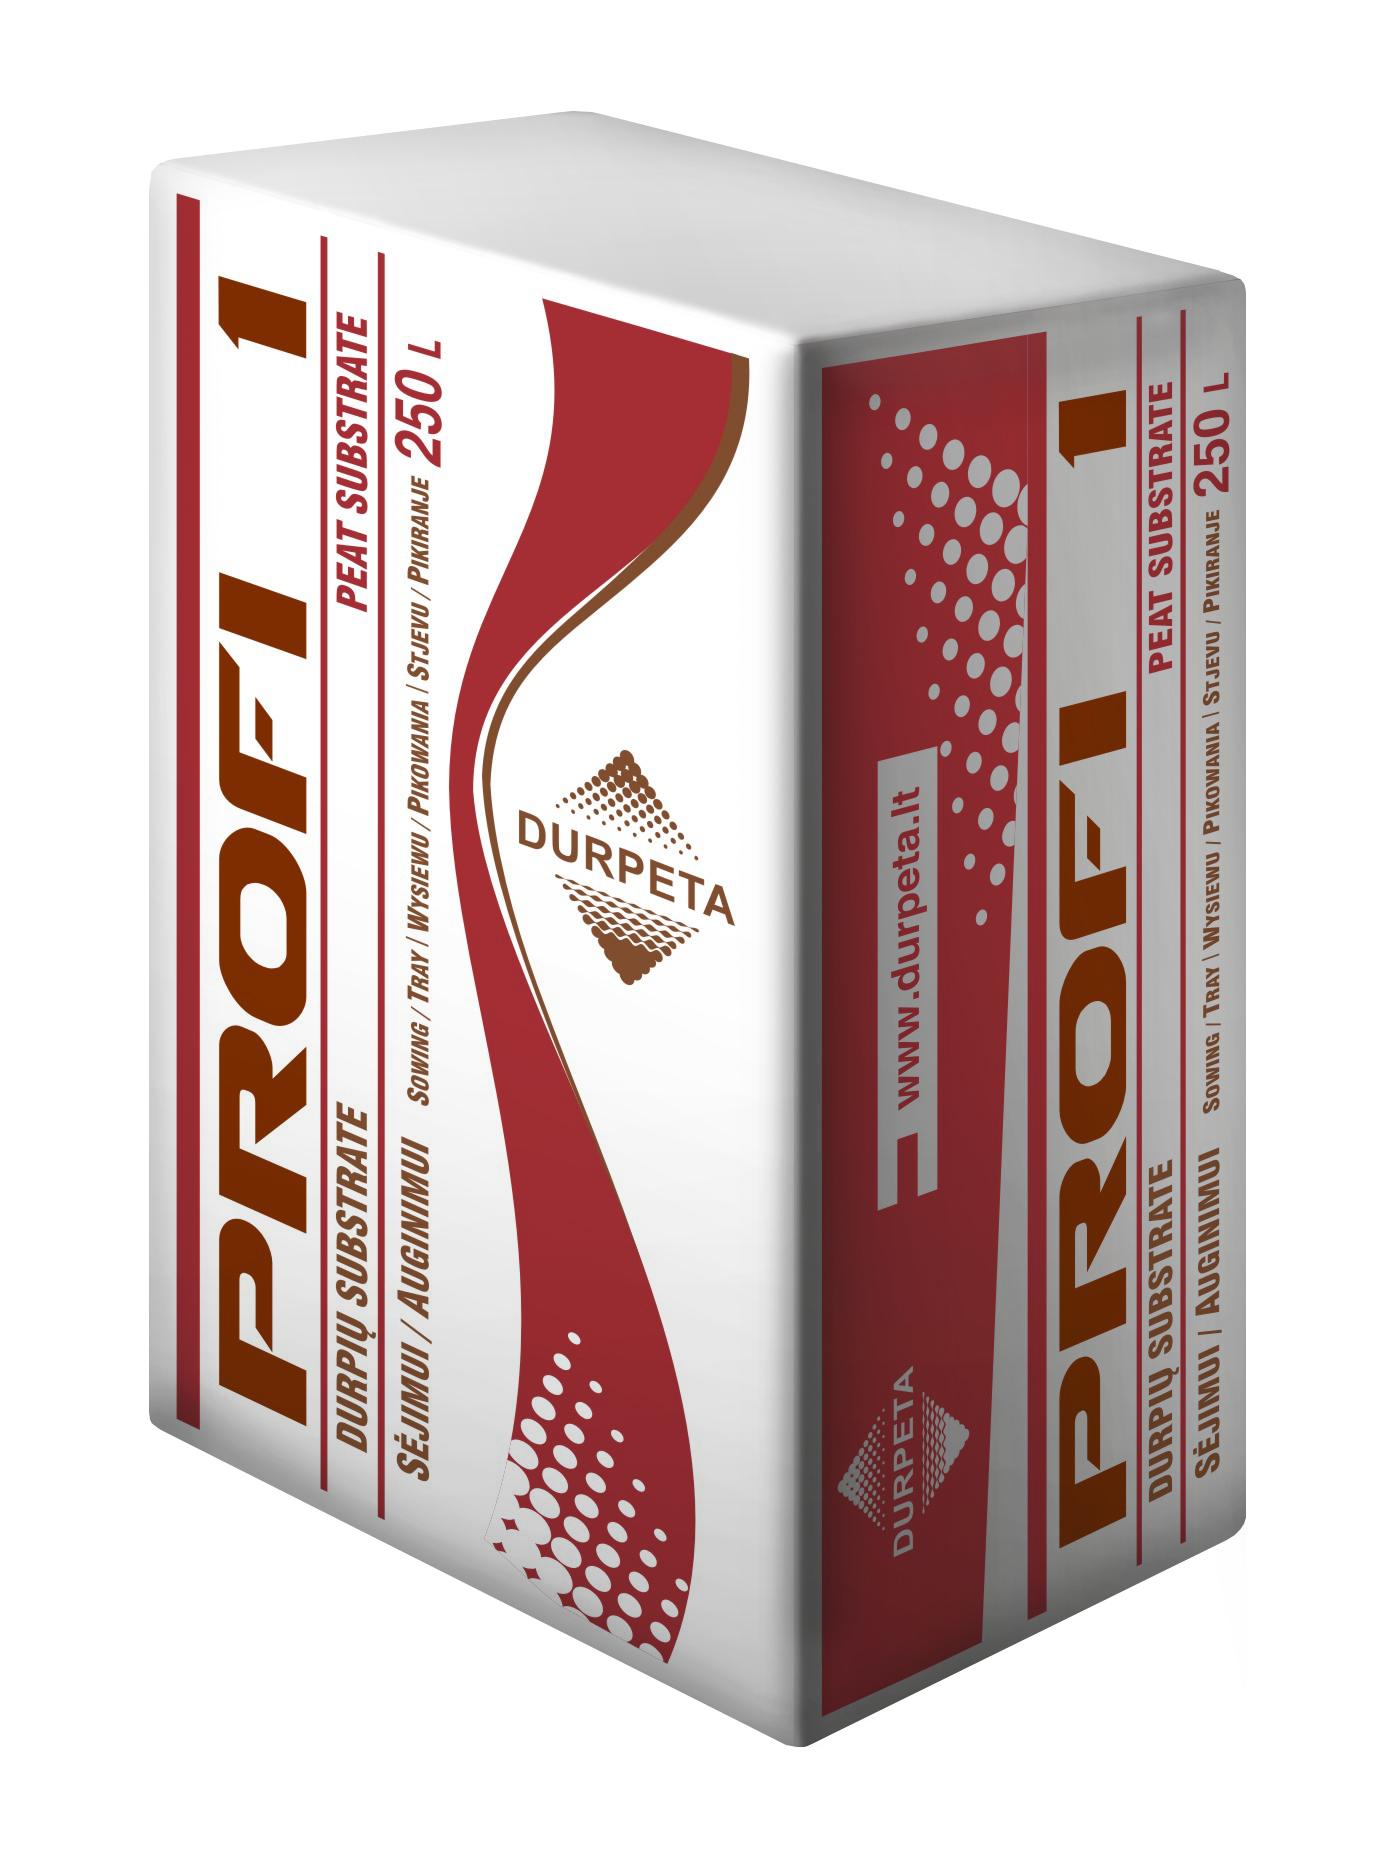 ТОРФЯНОЙ СУБСТРАТ PROFIMIX 1a pH 5.5-6.5